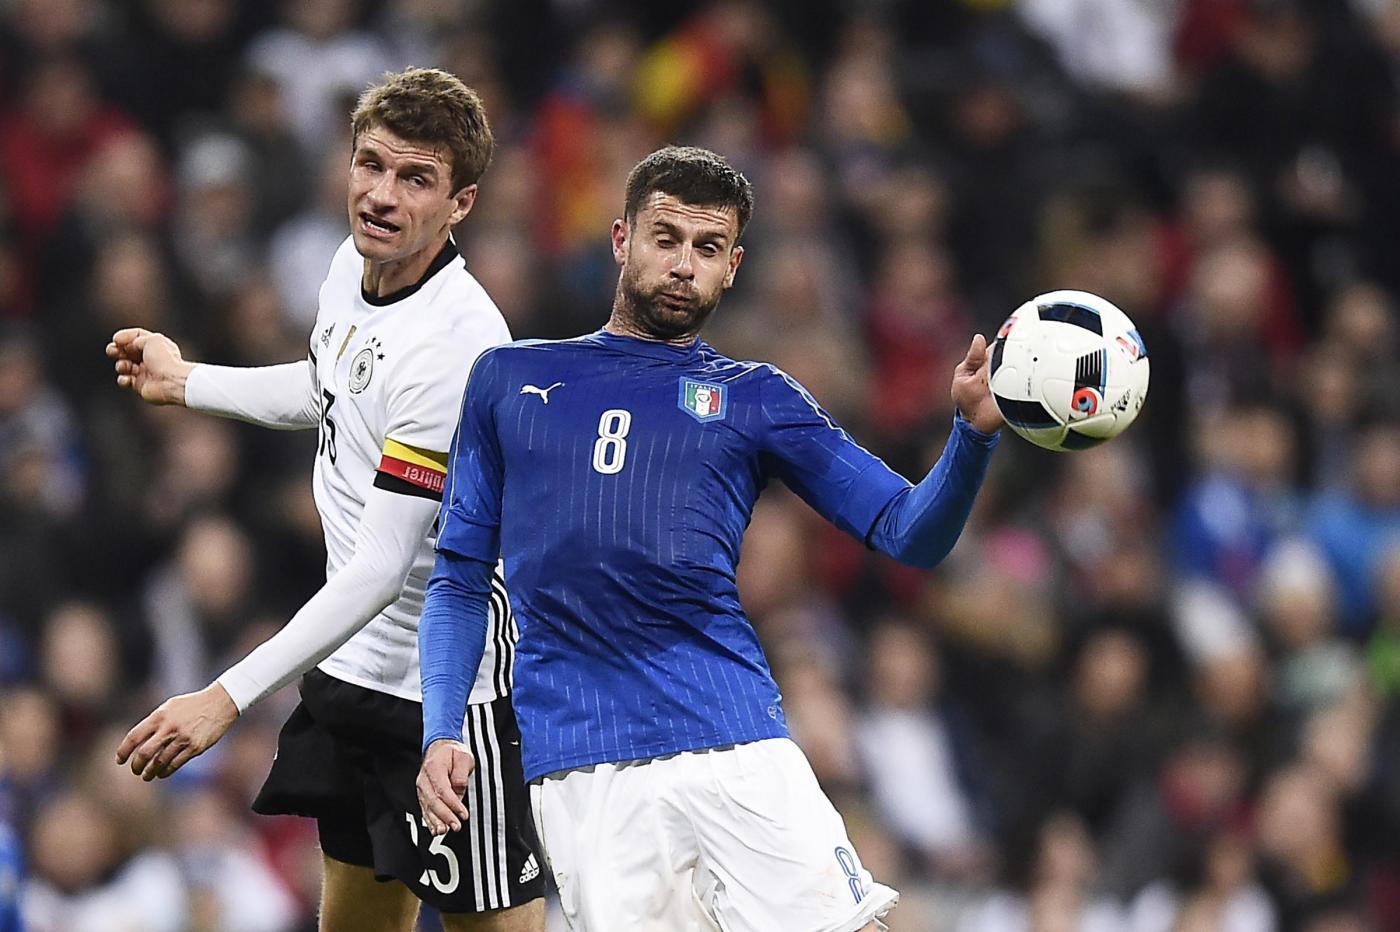 EURO 2016: i peggiori calciatori degli ultimi 30 anni